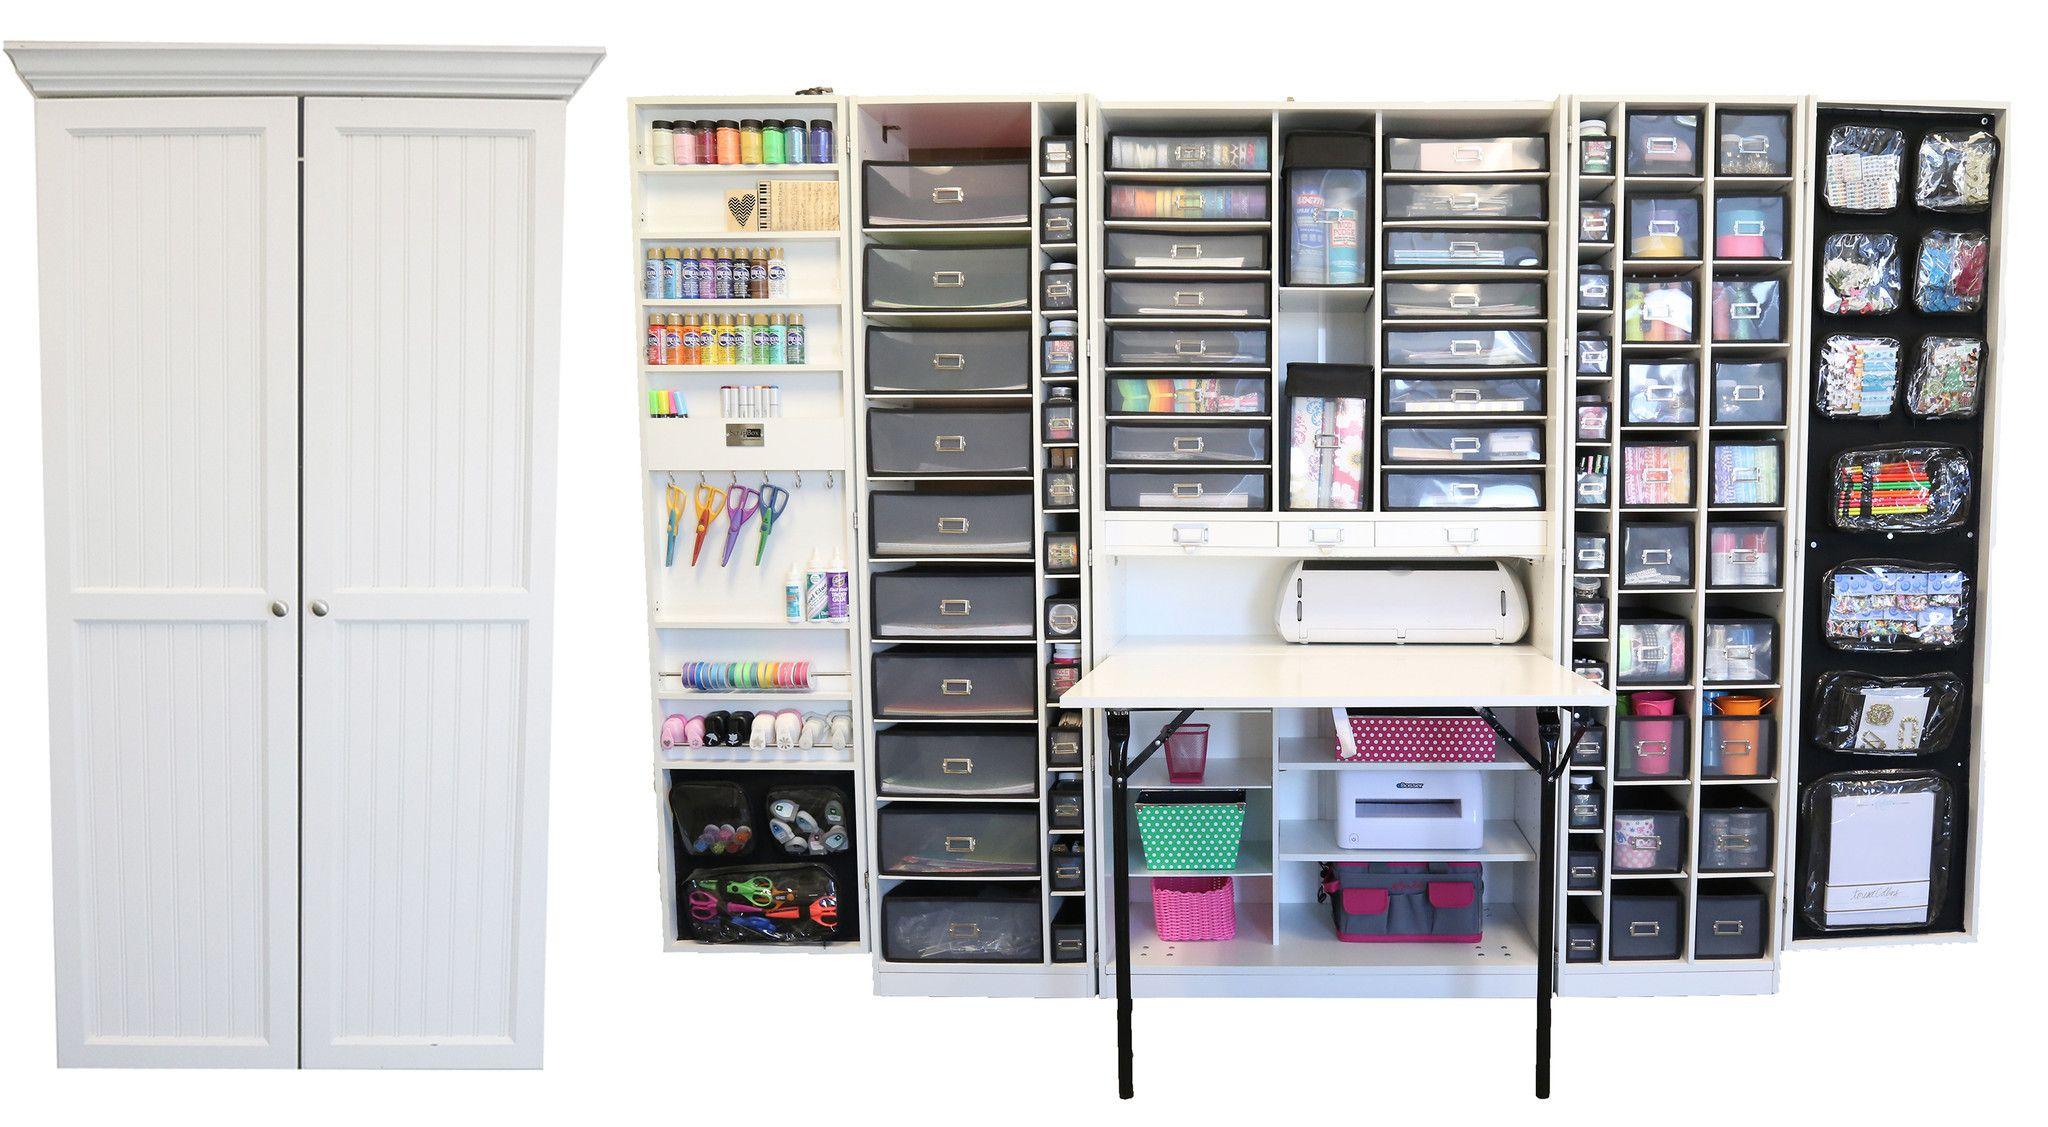 The WorkBox 2.0 - Schrank und Arbeitsplatz für Nähen Basteln Home ...